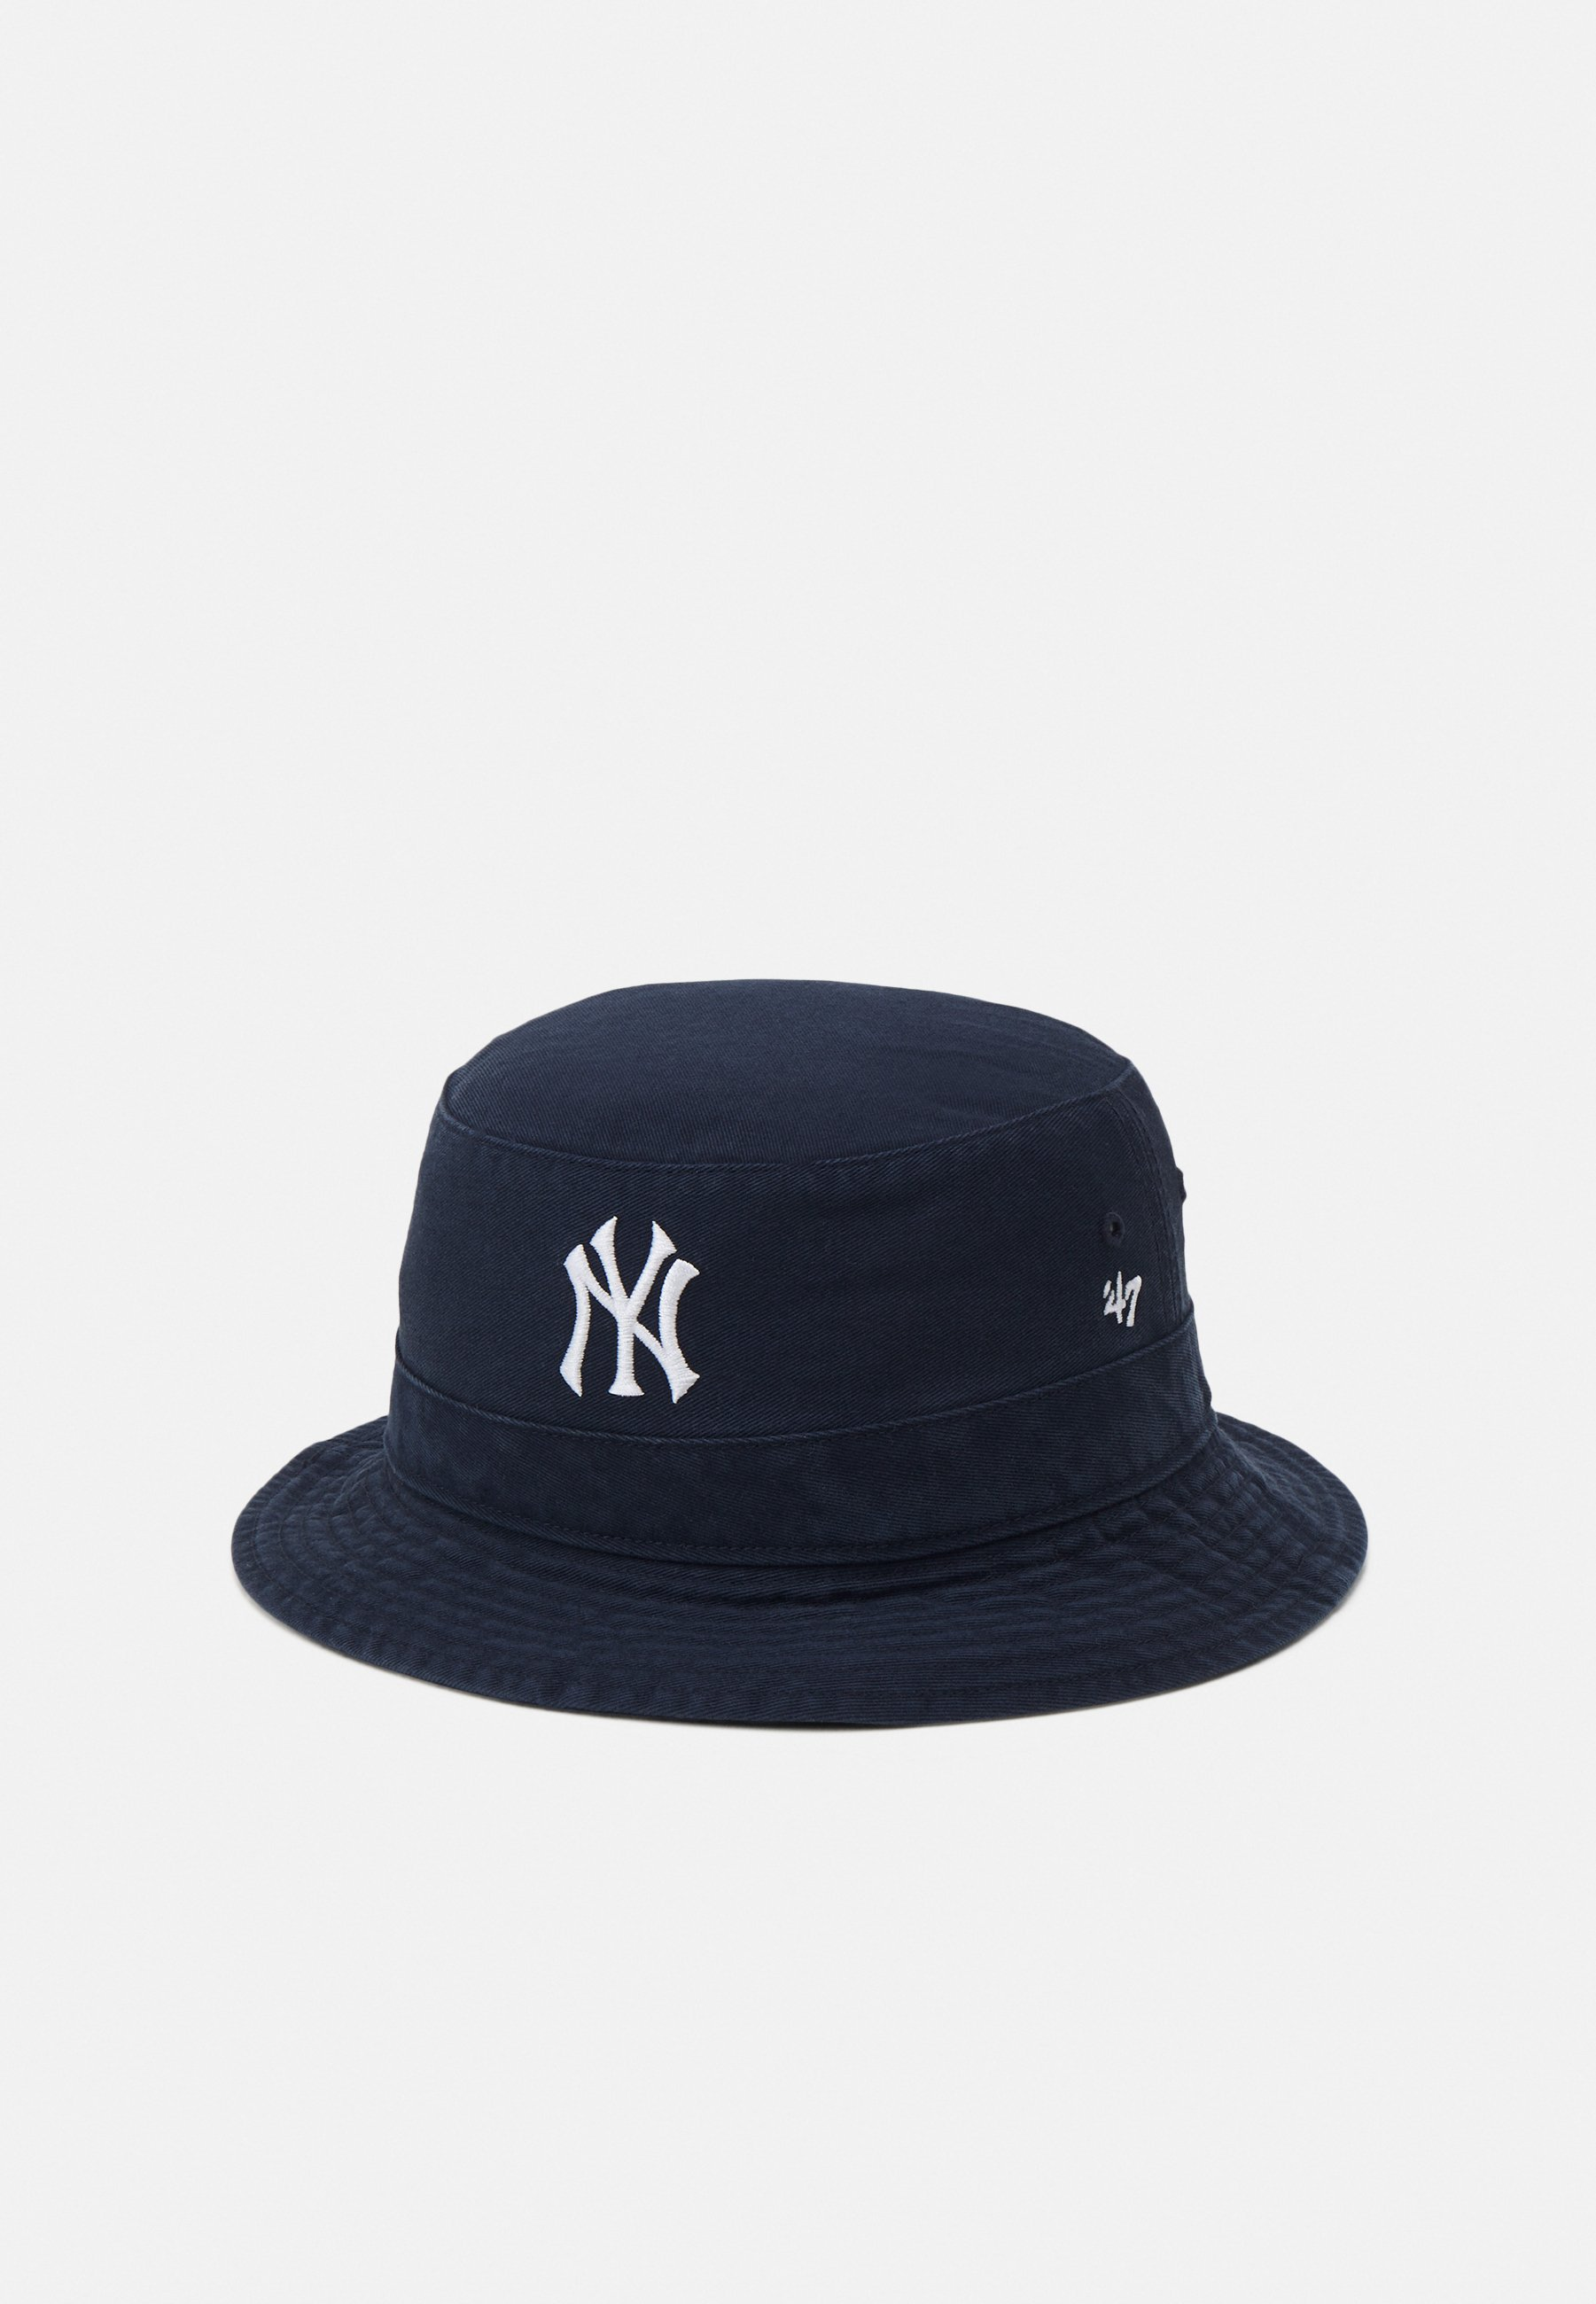 Uomo NEW YORK YANKEES BUCKET UNISEX - Cappello